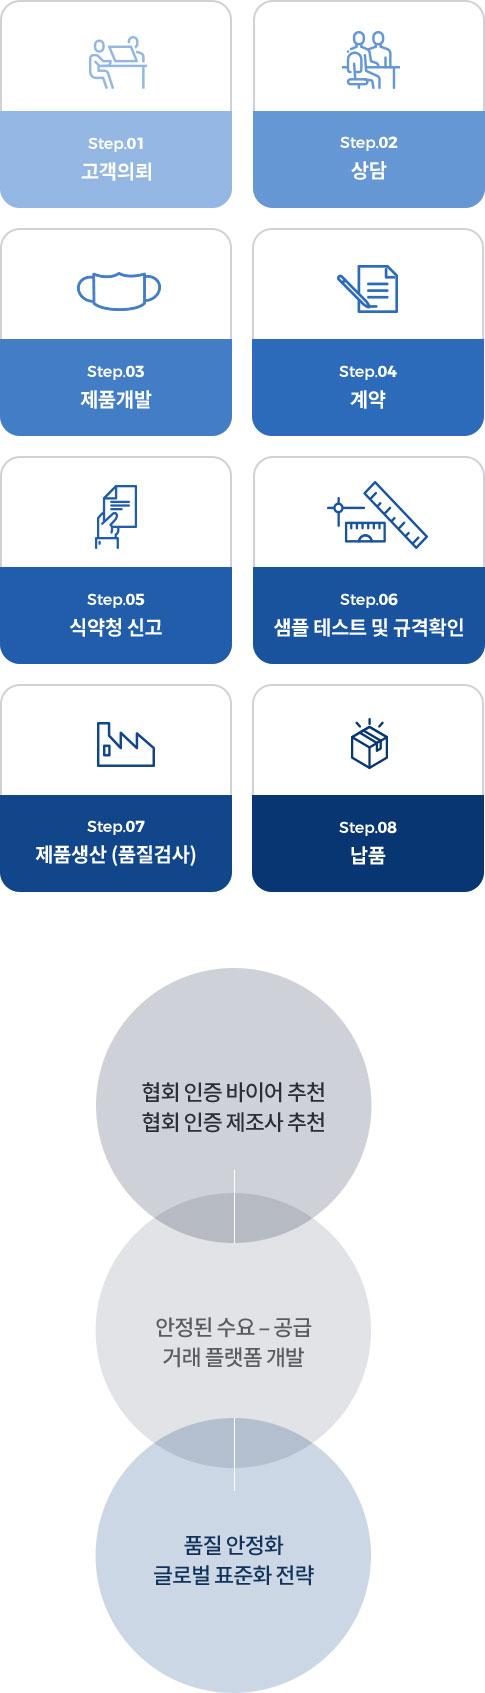 협회 플랫폼 이미지